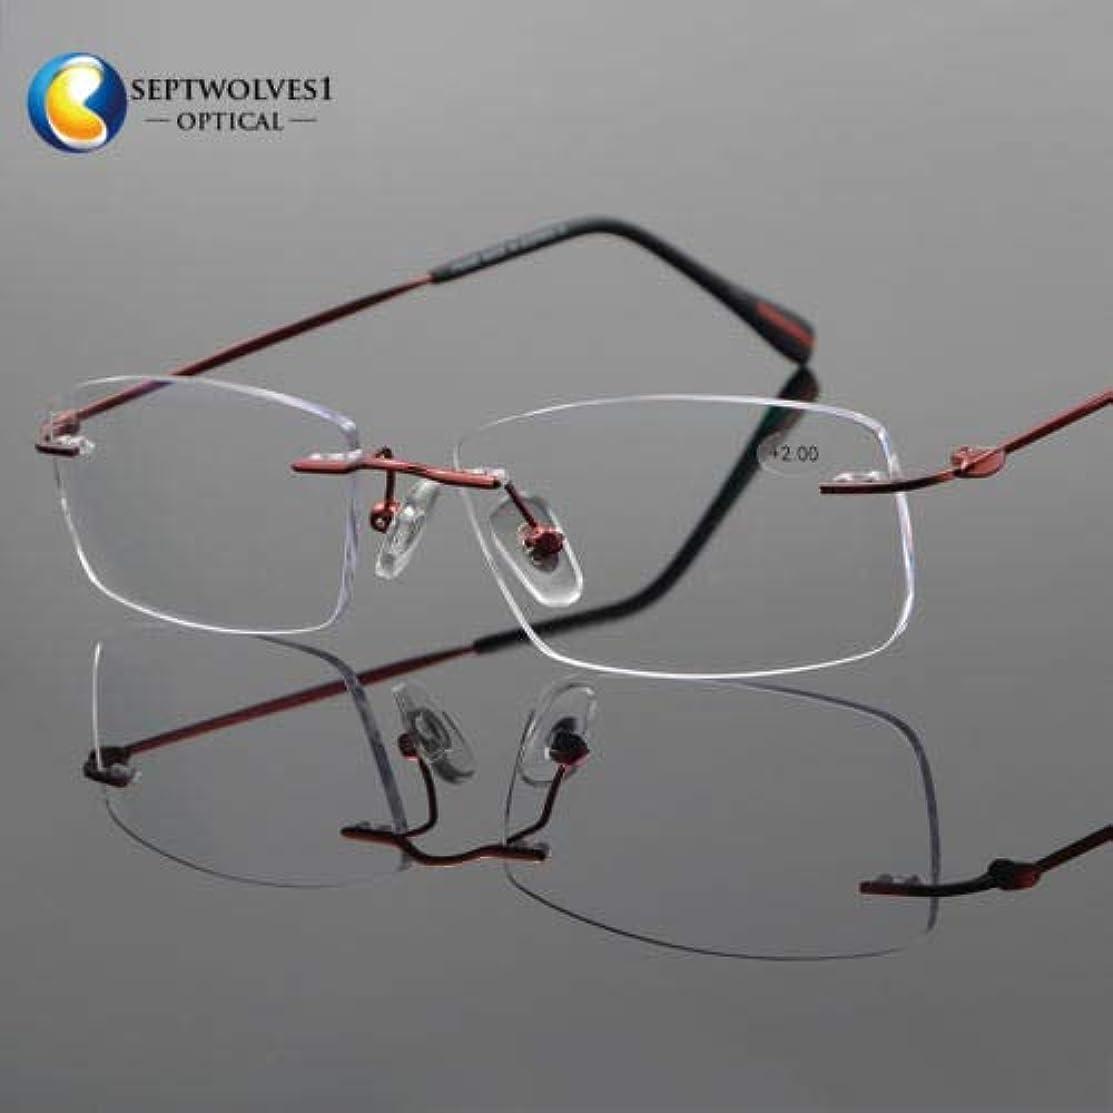 サスペンションソファーデジタルFidgetGear 新しいβチタン縁なし老眼鏡UV400コーティングレンズリーダー+0.00?+ 5.00 赤